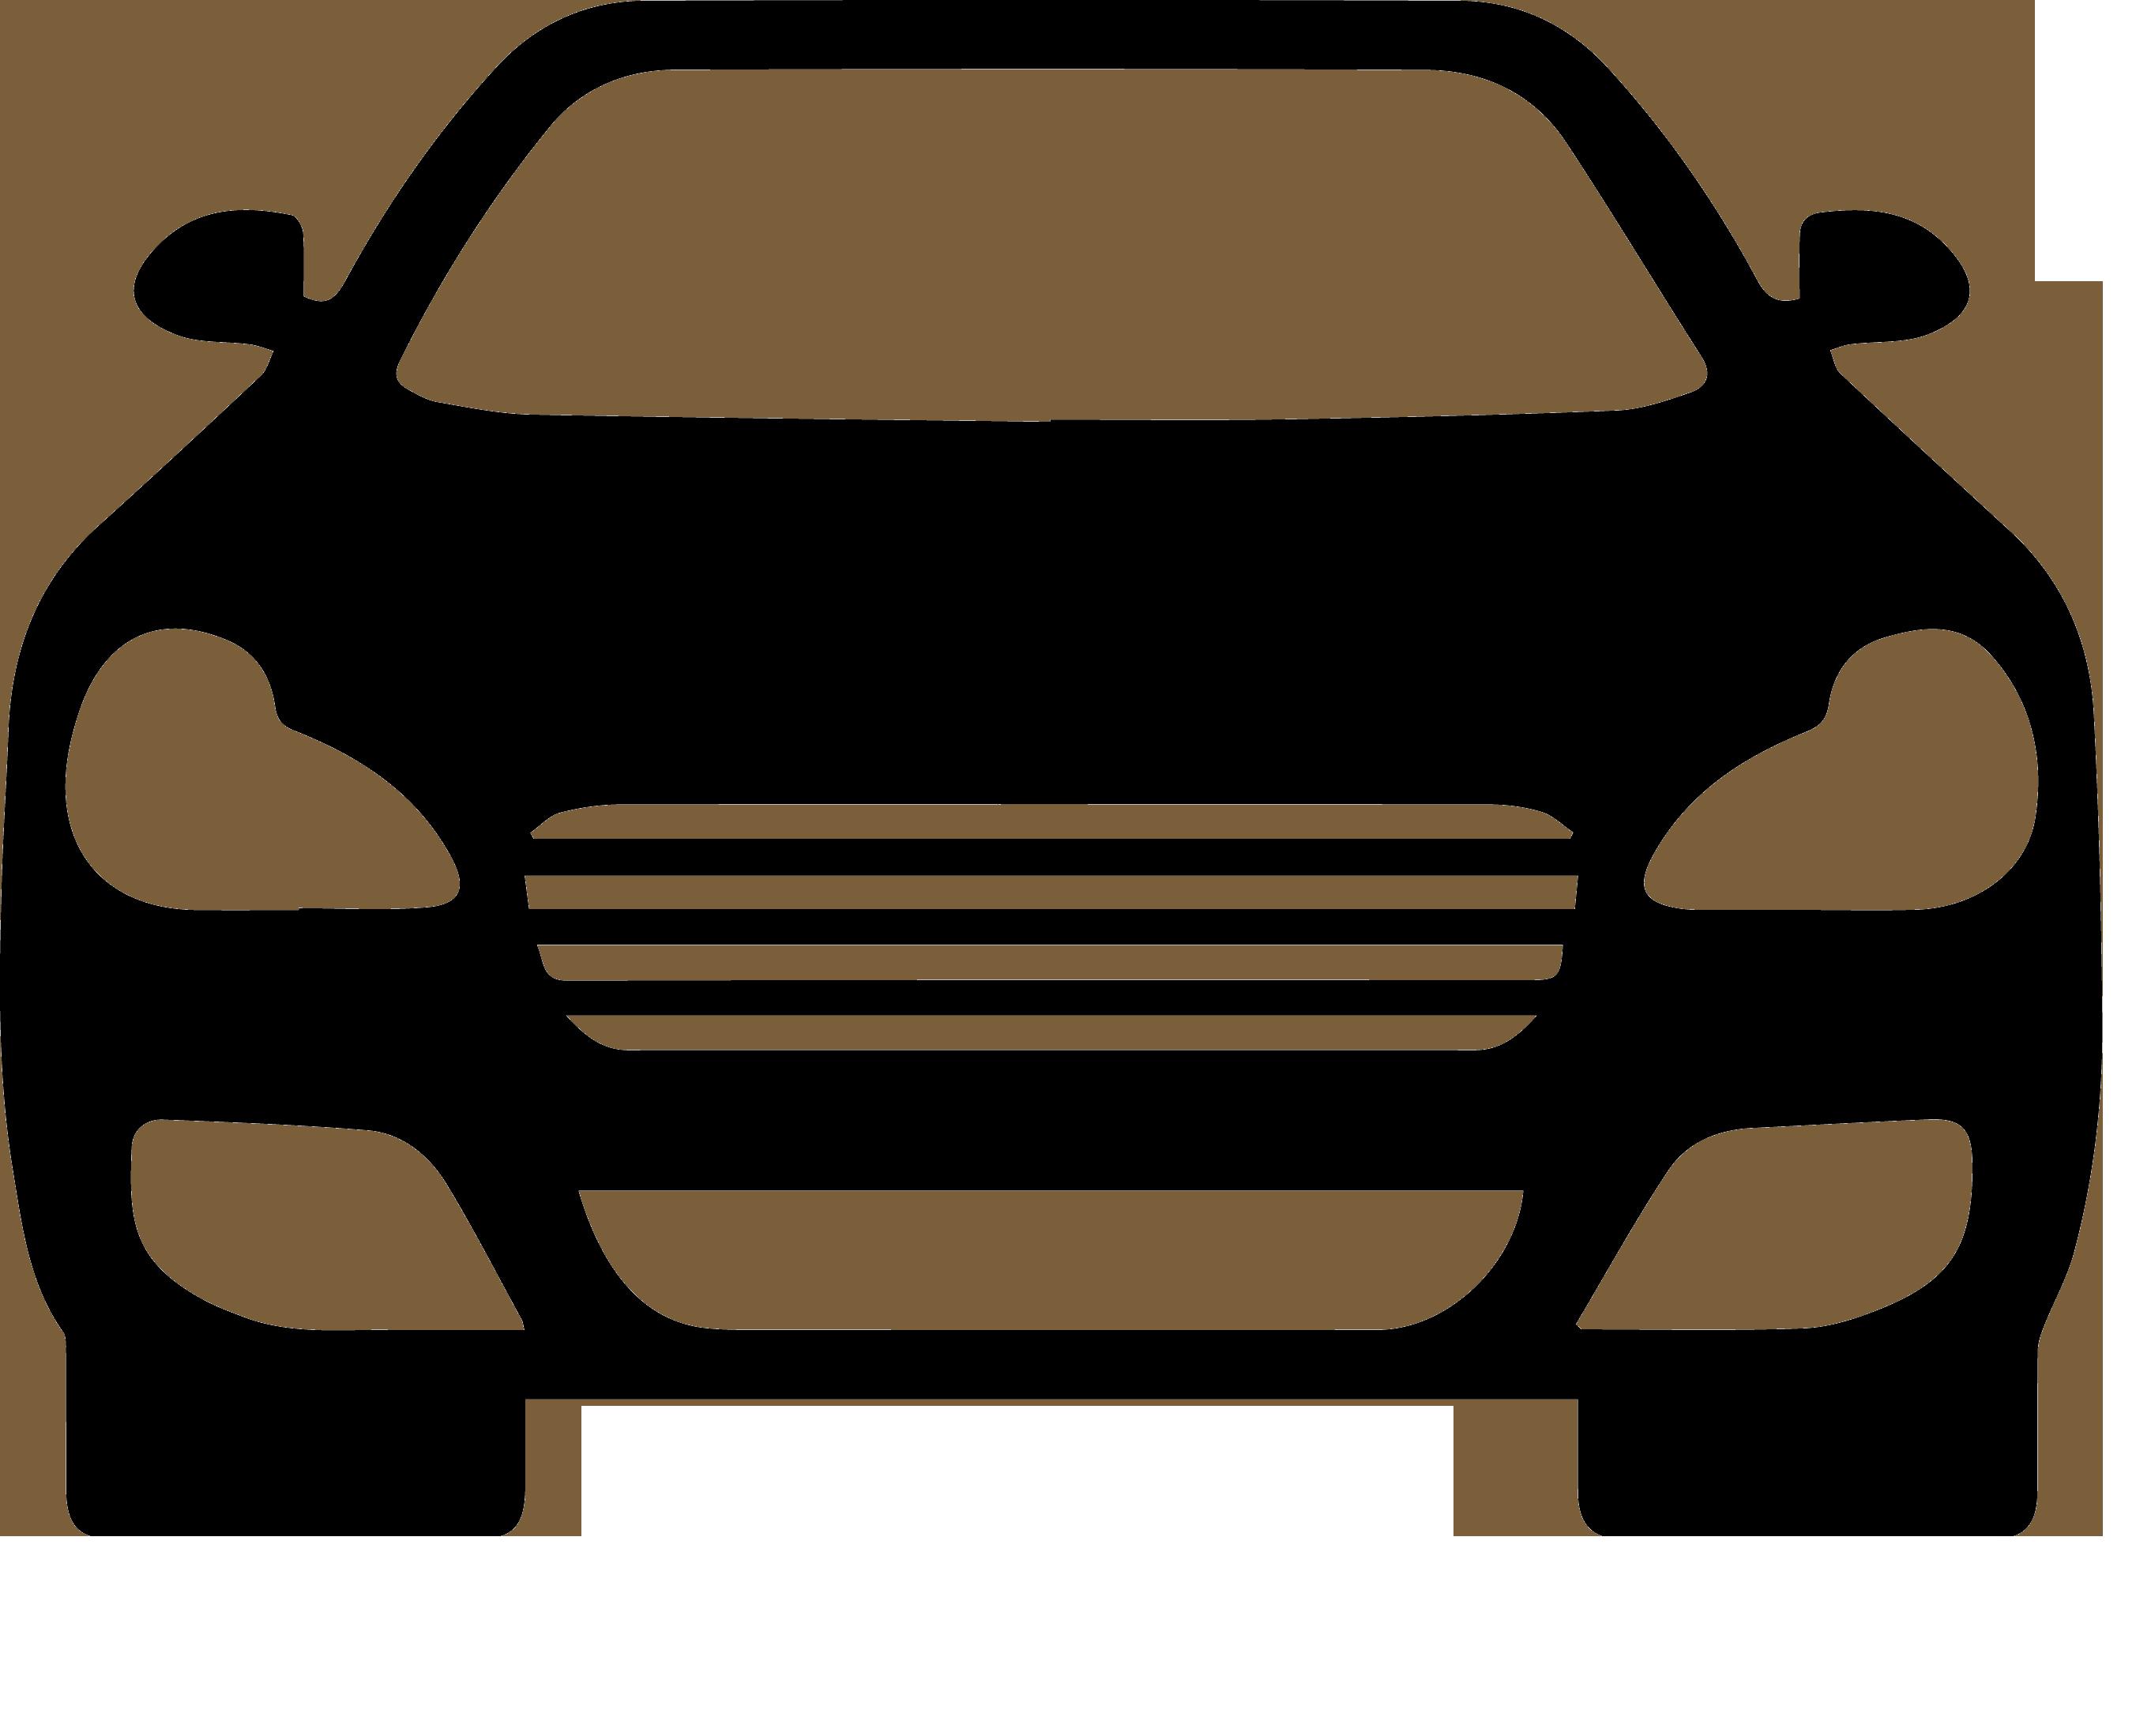 компании мторгнн картинки символика на автомобилей пряже животных волокон